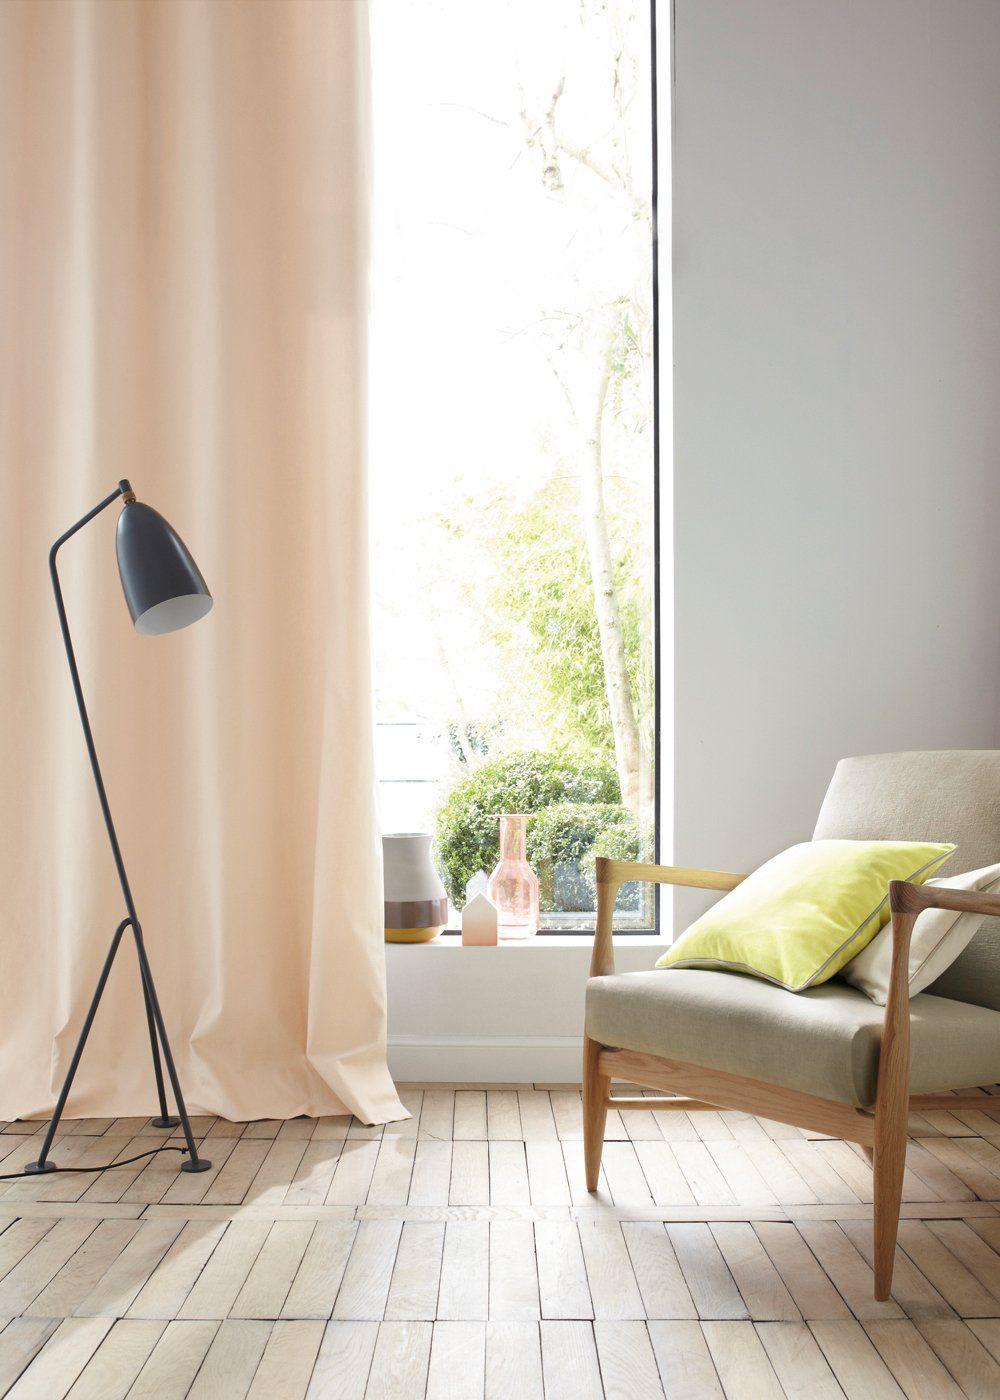 20 beaux rideaux pour en mettre plein la vue living room rideaux d co rideaux salon beaux - Beaux rideaux salon ...